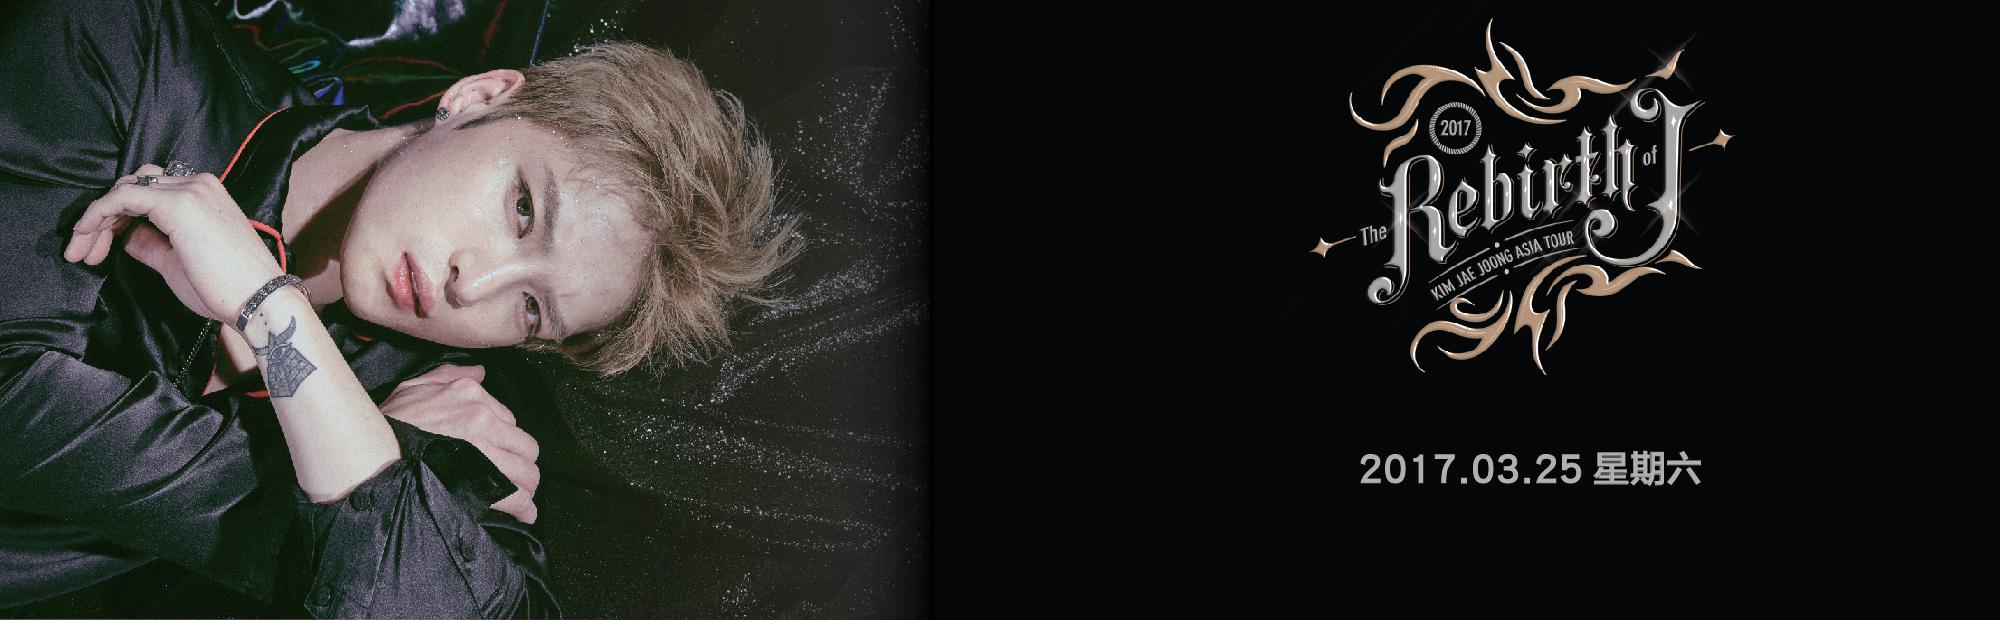 金在中2017亚洲演唱会澳门站